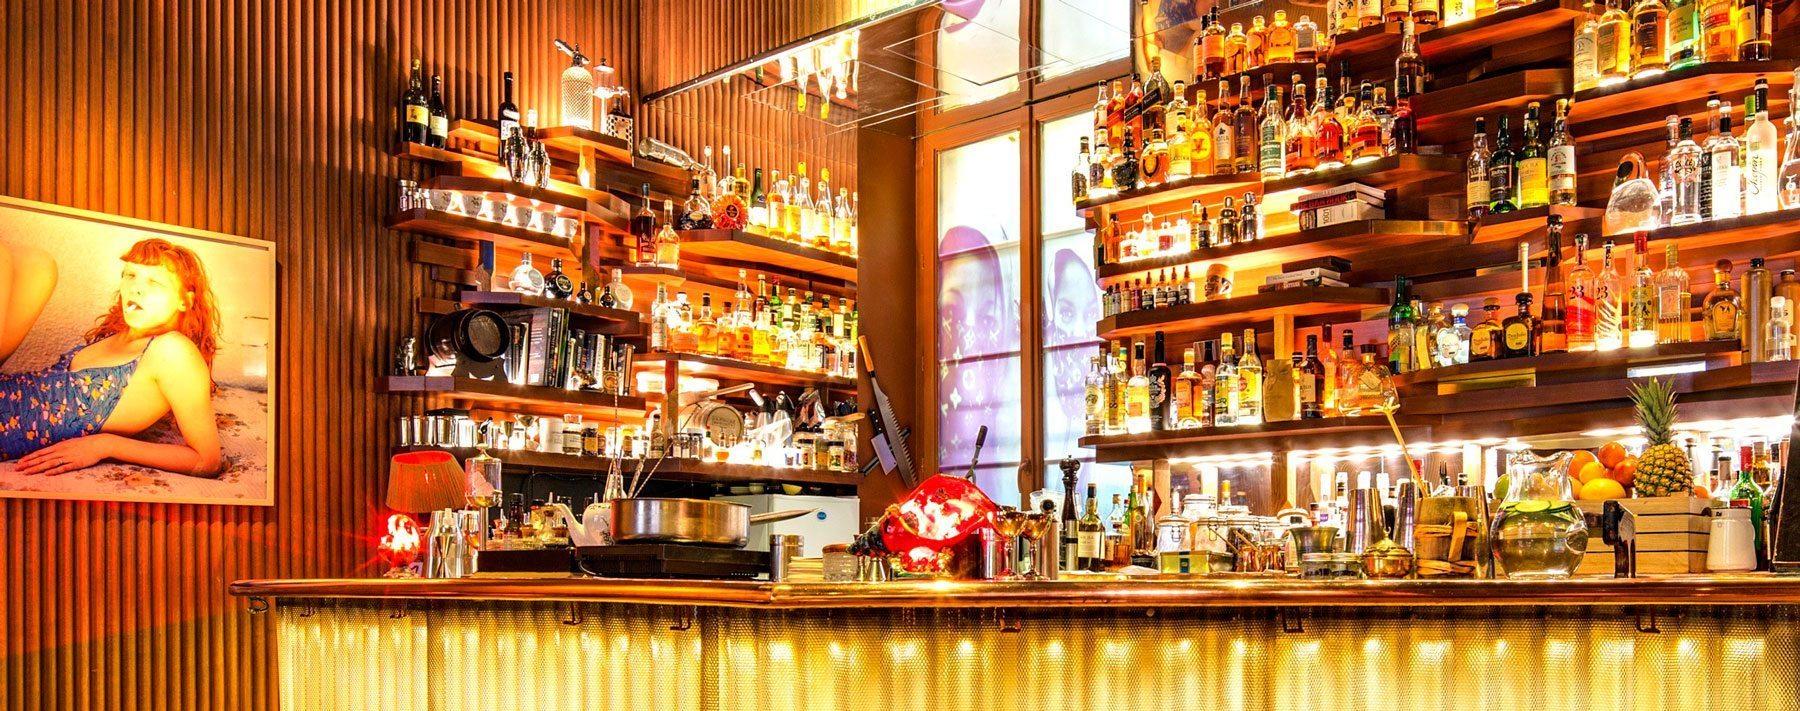 Andy Wahloo les grandes étagères surplombant le bar accueillent l'une des plus belles collections de spiritueux à Paris, près d'une centaine de références de Whiskies, une top selection de gin etc…